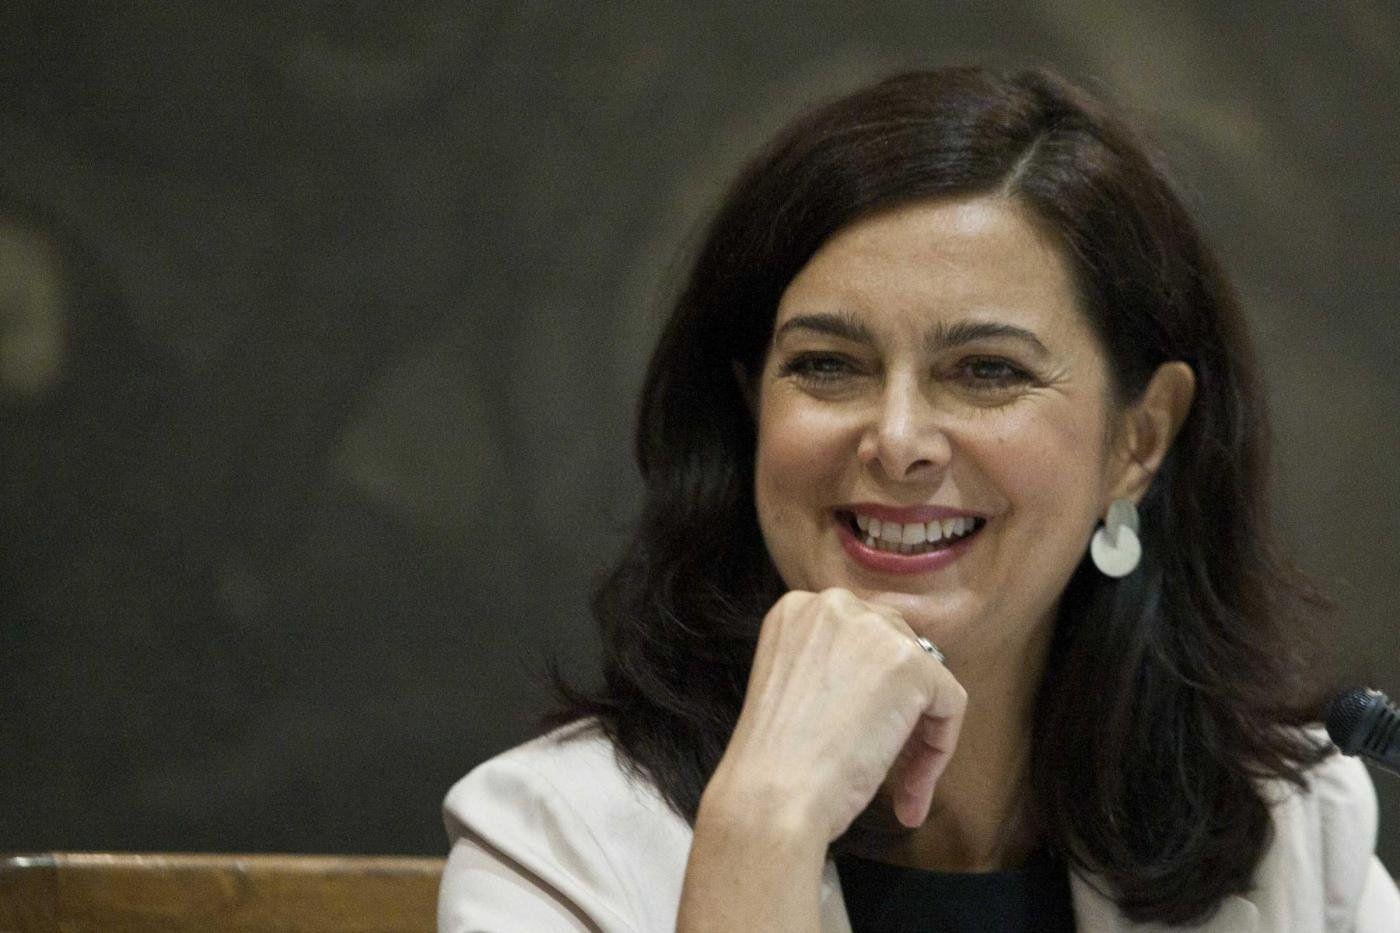 La presidente Laura Boldrini ricoverata in ospedale per un intervento chirurgico